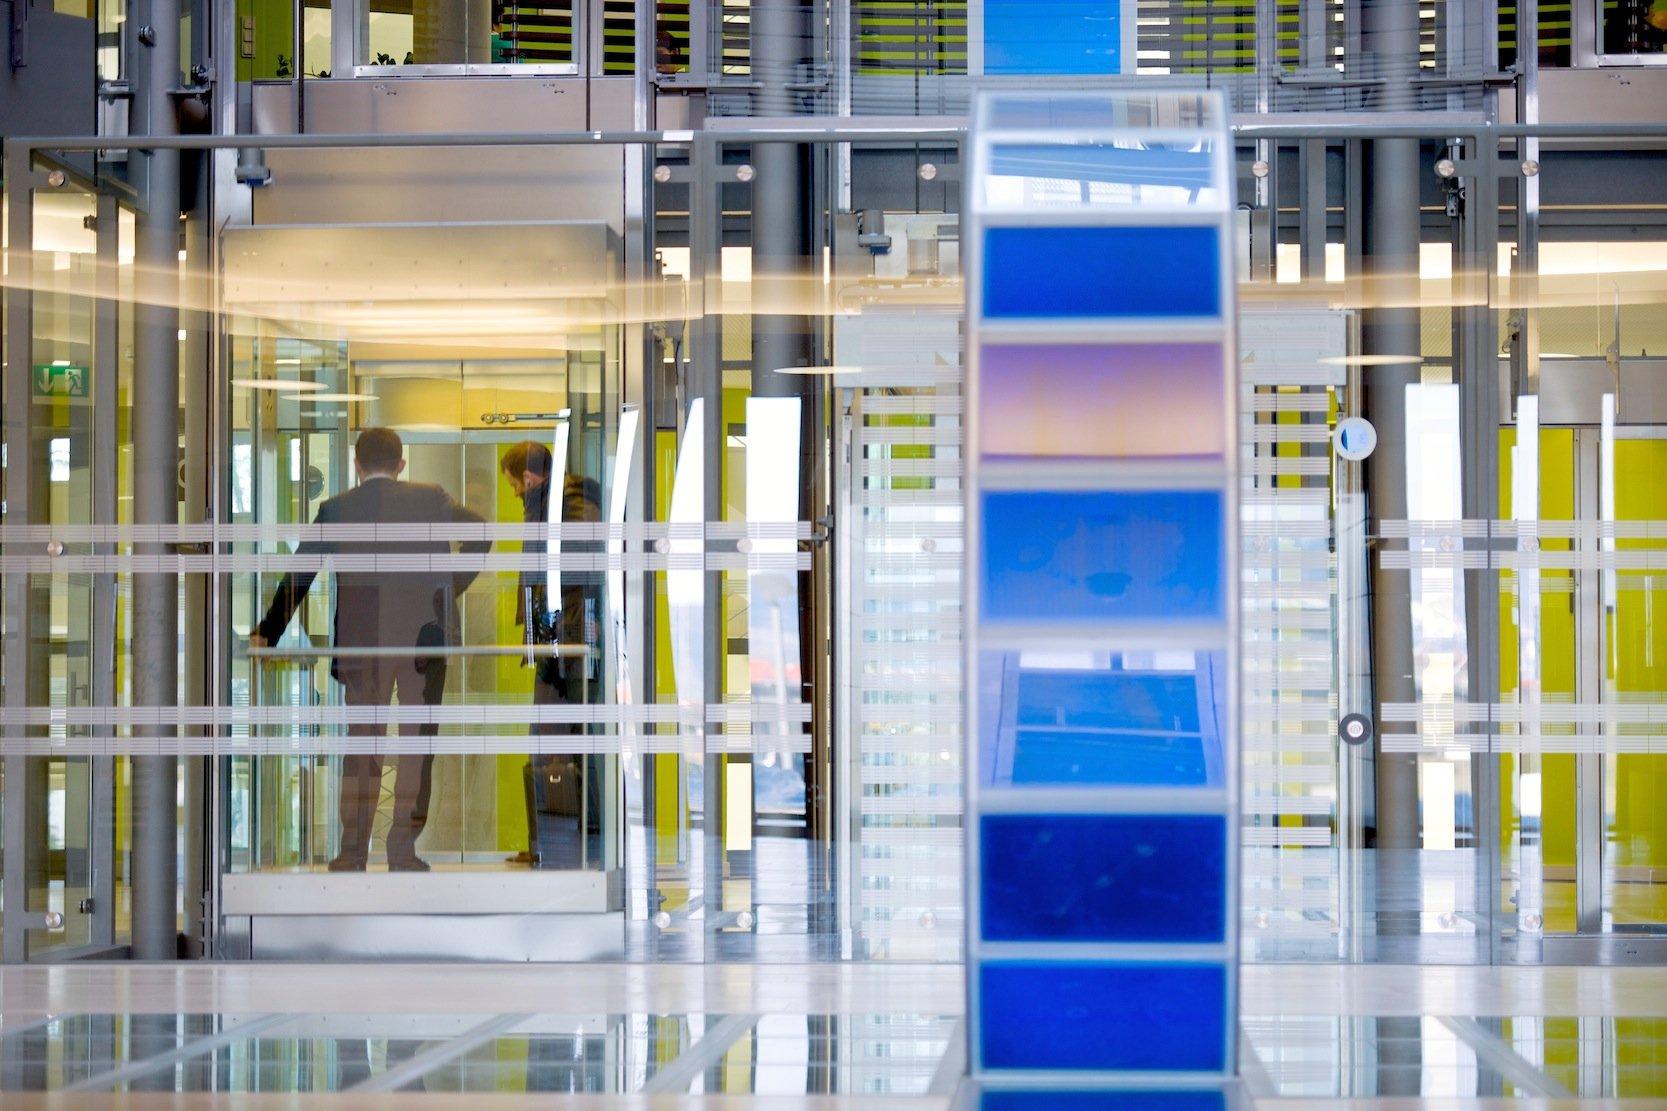 SAP-Konzernzentrale in Walldorf: Der Software-Konzern ist eine Allianz mit Apple eingegangen. Künftig soll SAP-Software auch auf Apple-Geräten laufen.